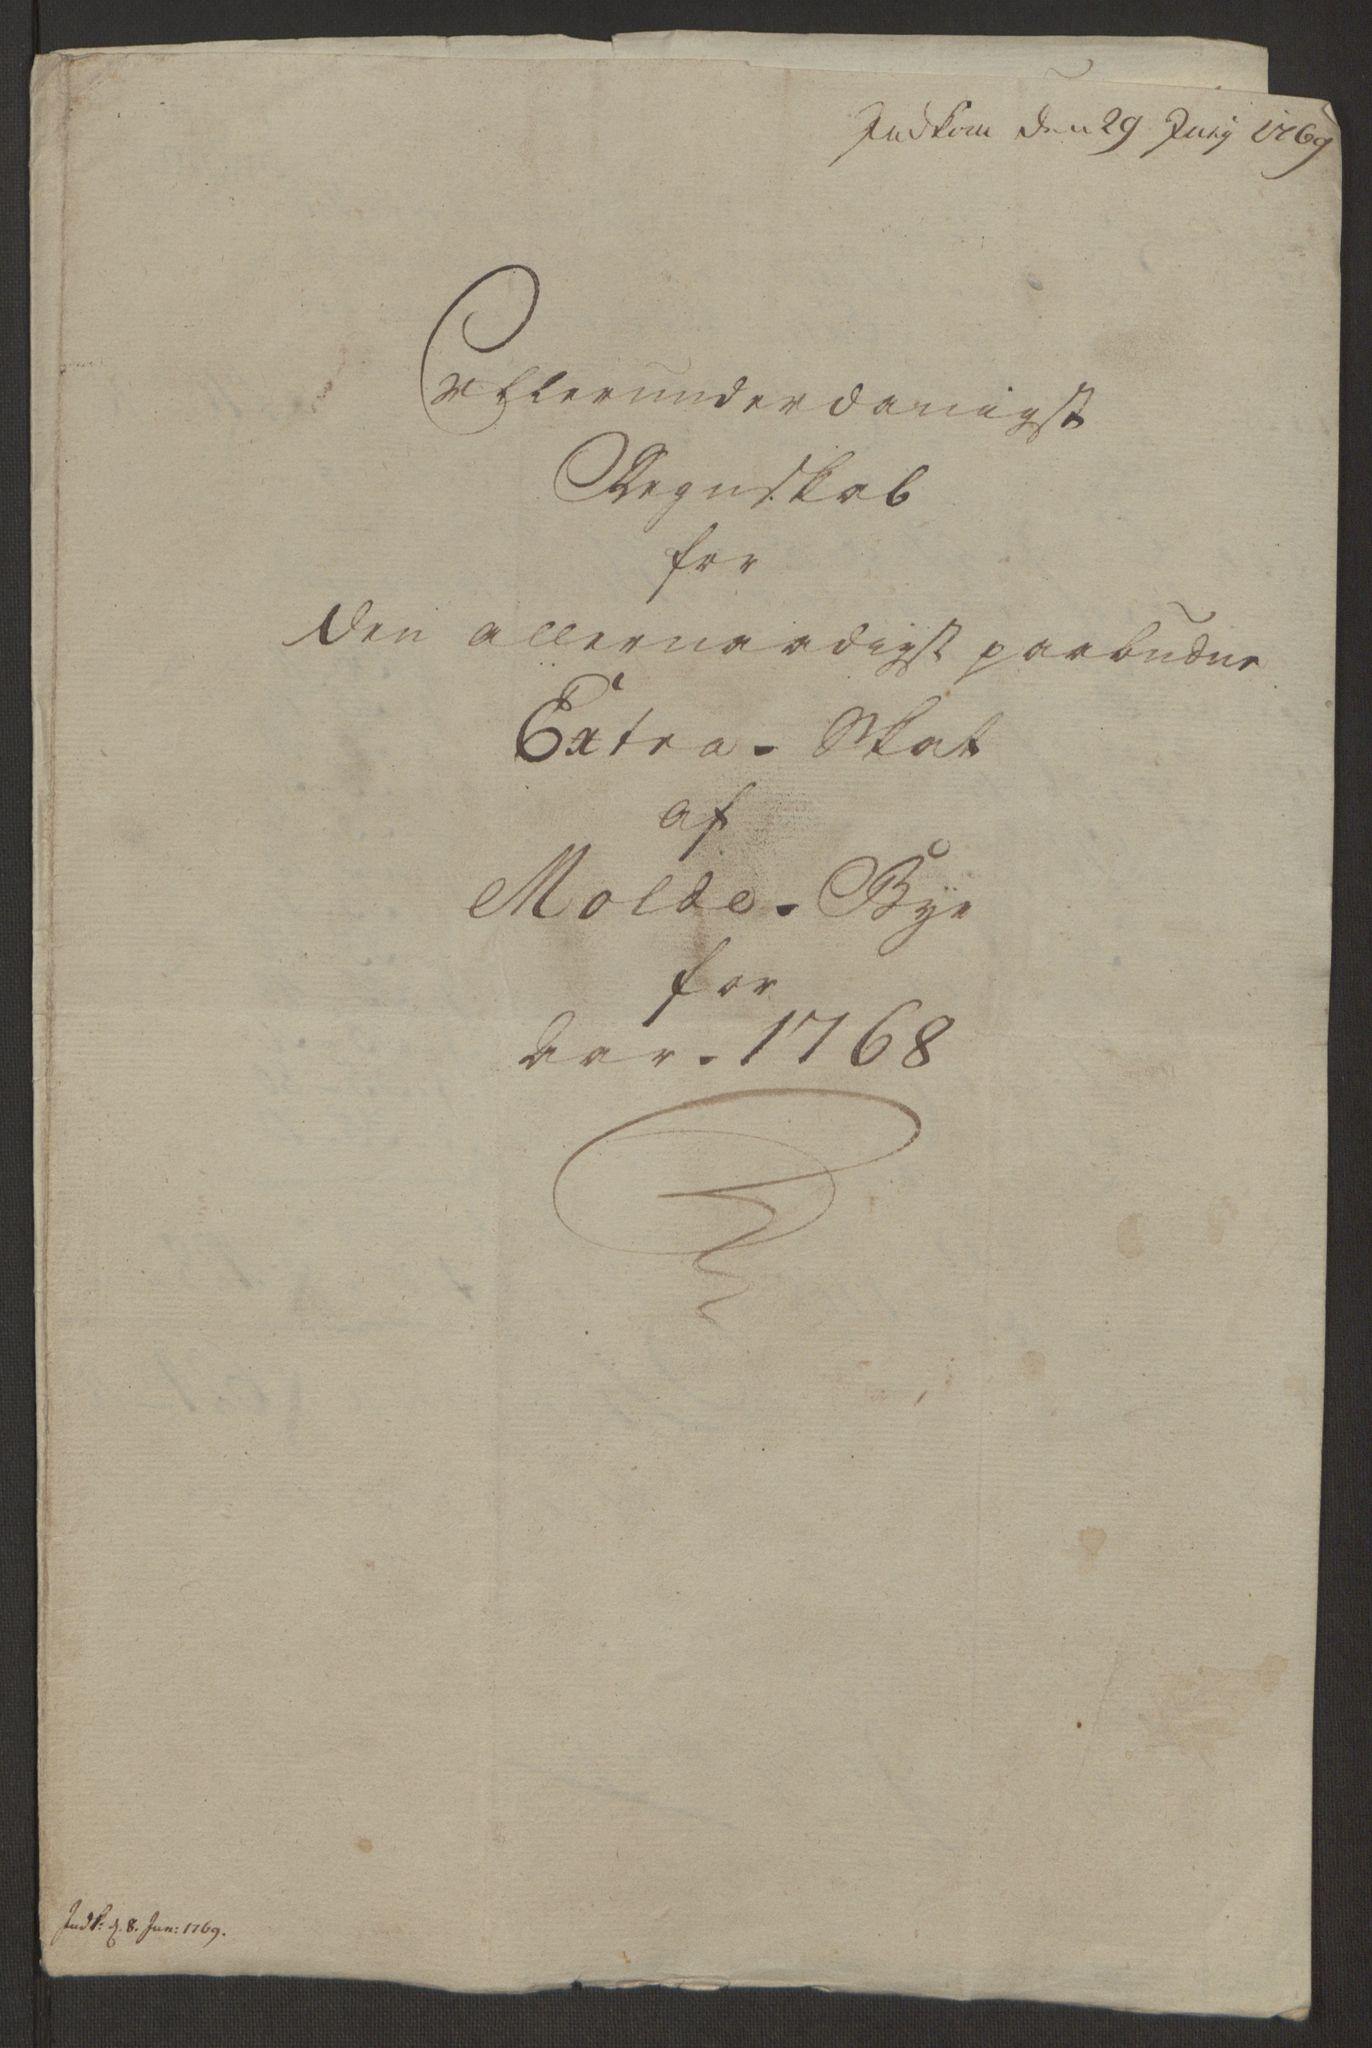 RA, Rentekammeret inntil 1814, Reviderte regnskaper, Byregnskaper, R/Rq/L0487: [Q1] Kontribusjonsregnskap, 1762-1772, s. 156